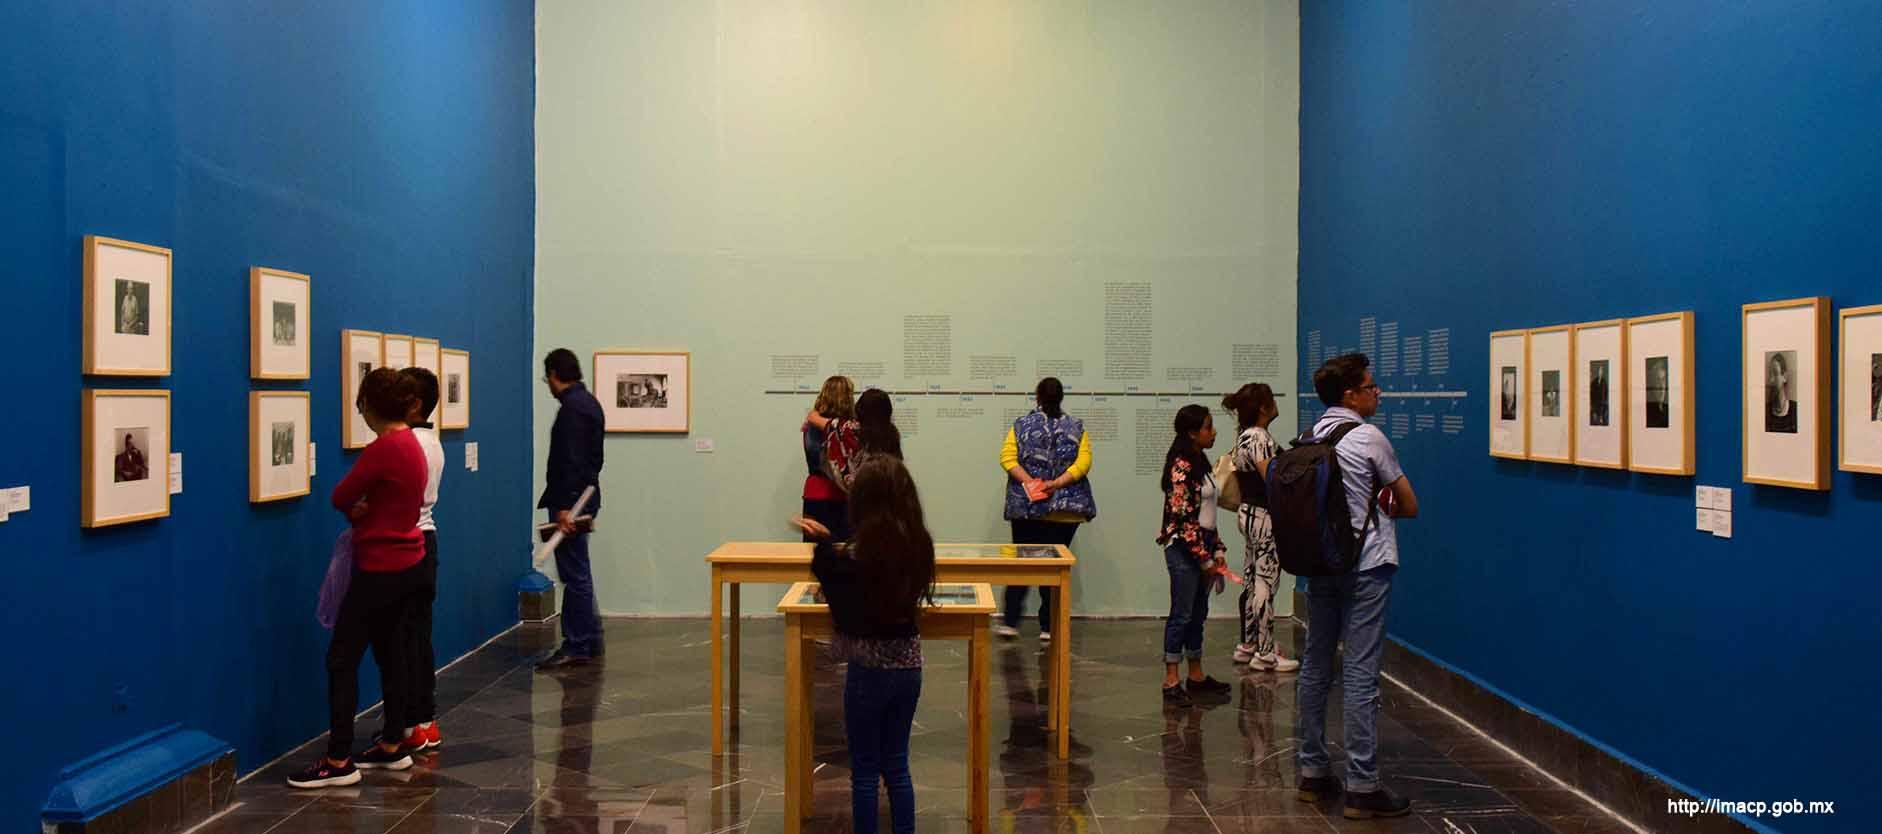 Personas observando dentro de la galería del Palacio Municipal